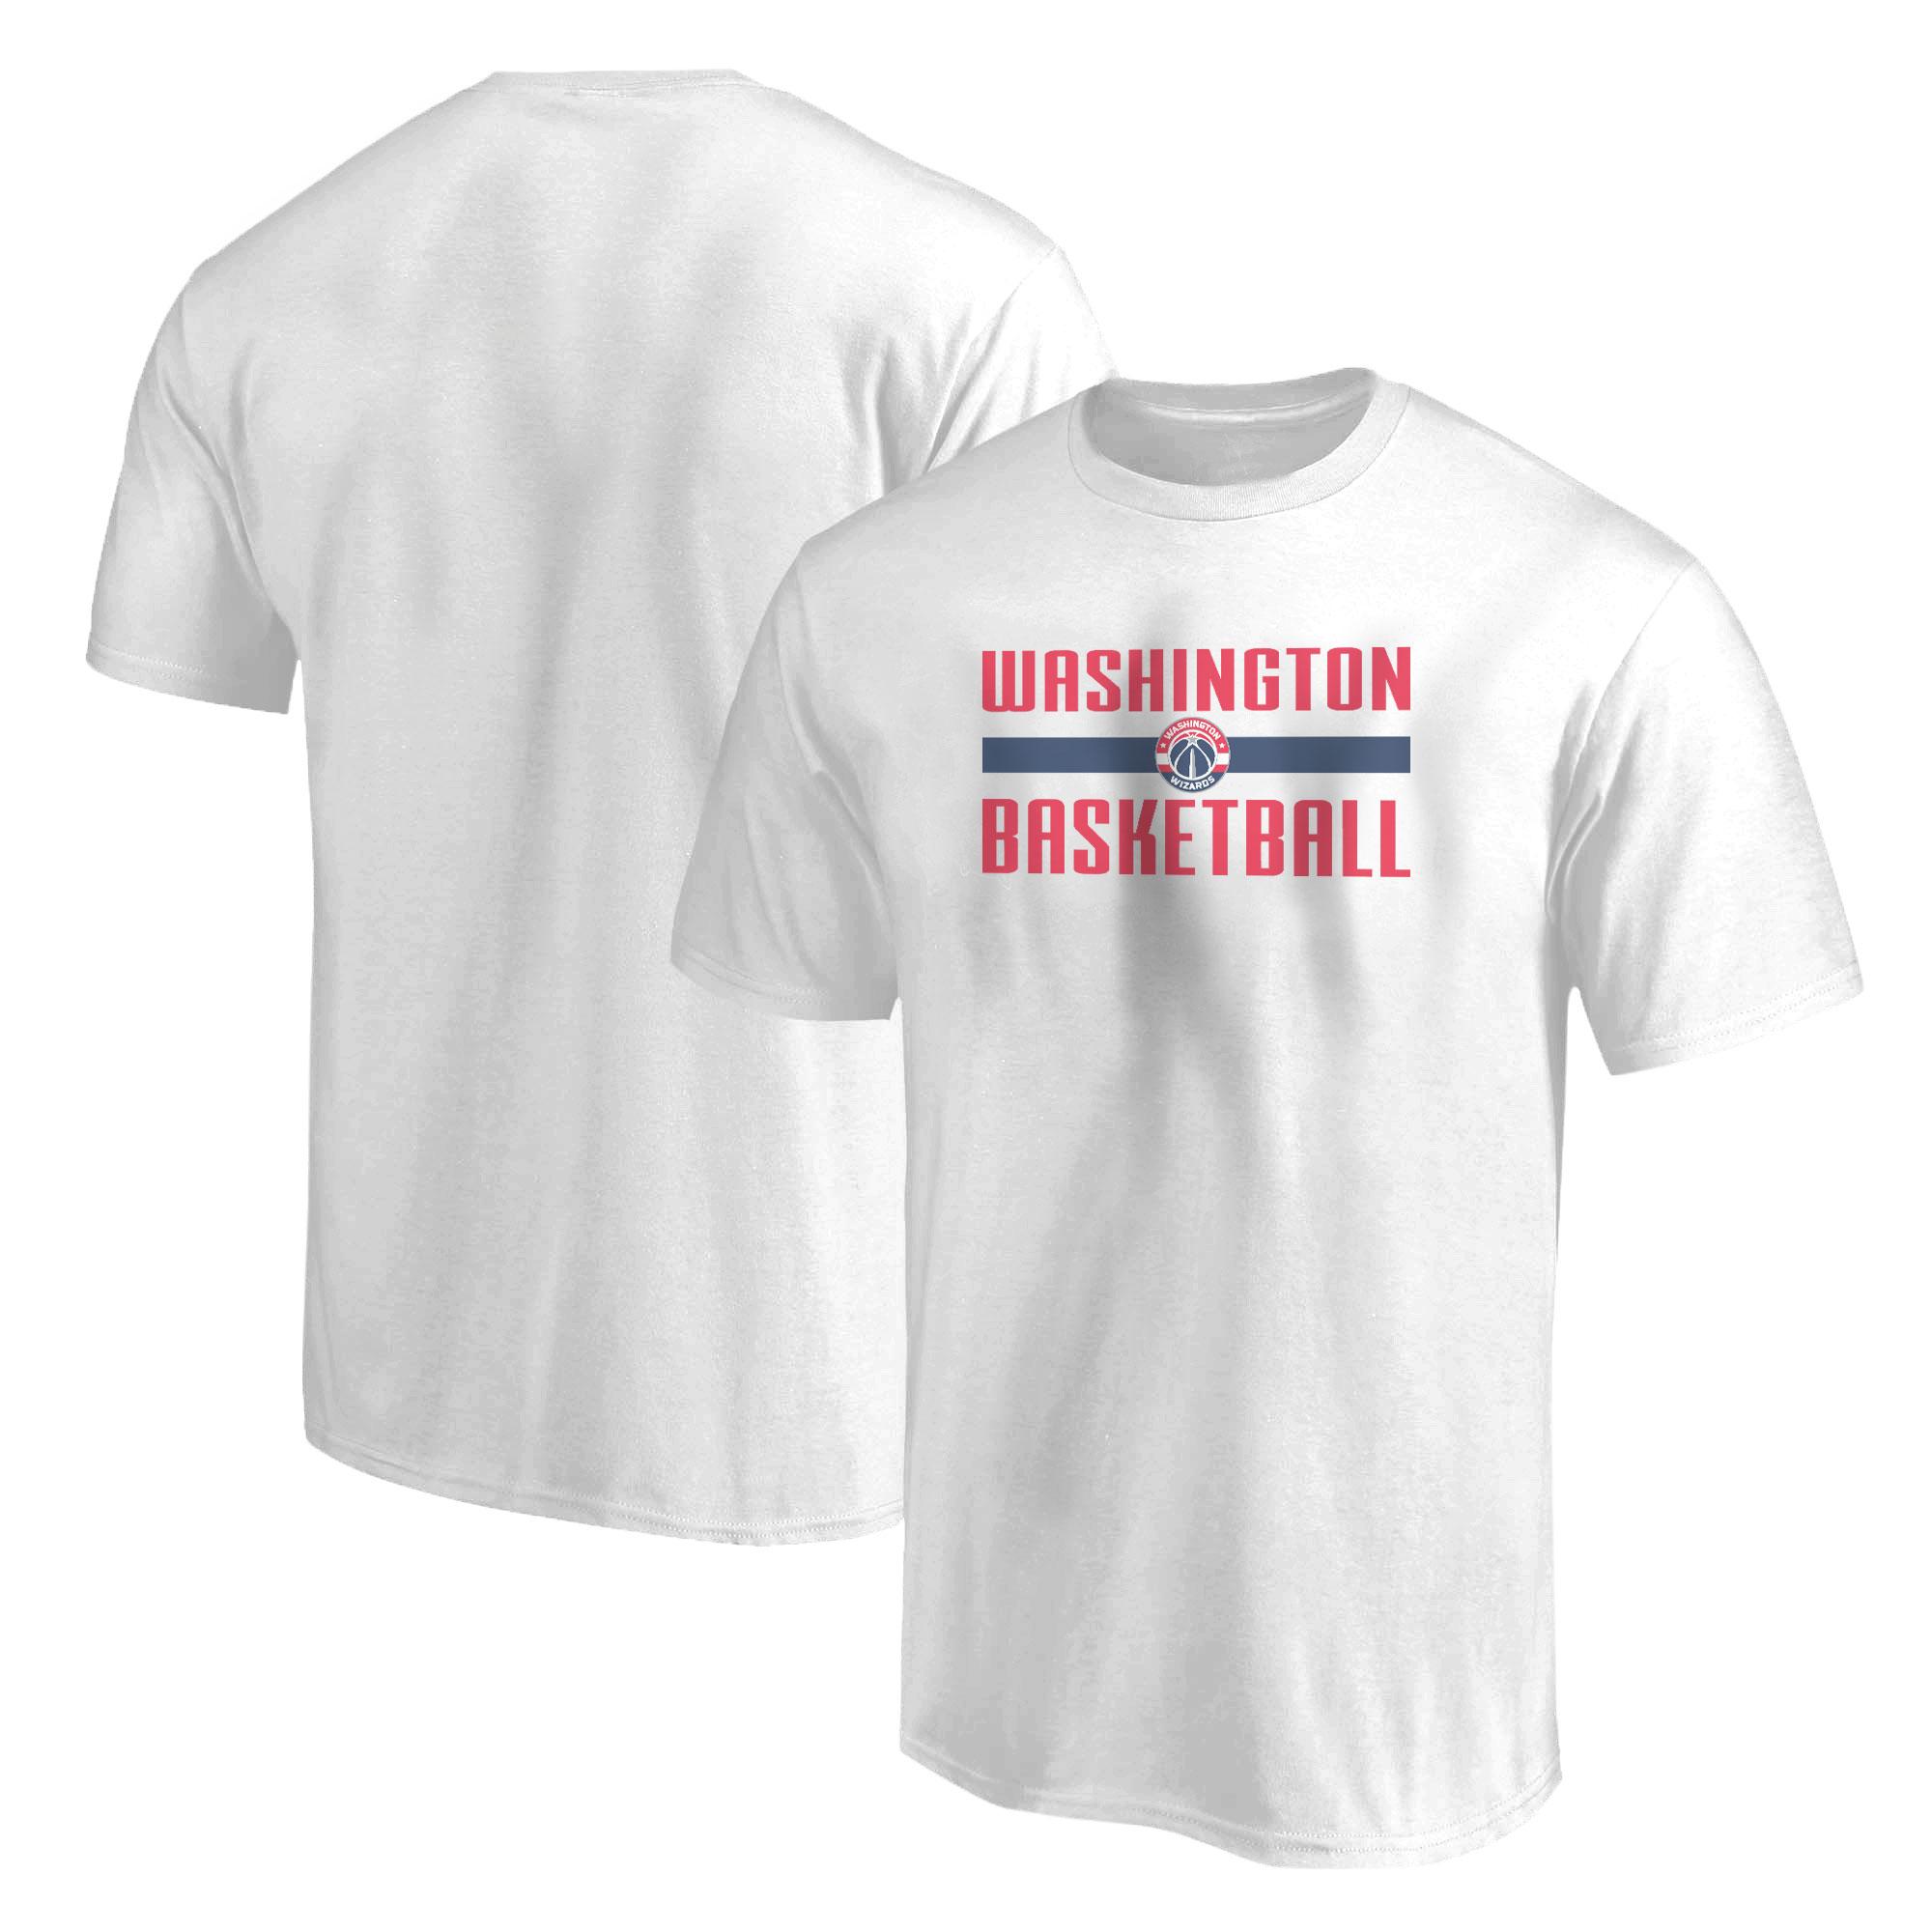 Washington Wizards Basketball Tshirt (TSH-WHT-NP-WSH-BSKTBLL-WSH-BSKTBLL-547)